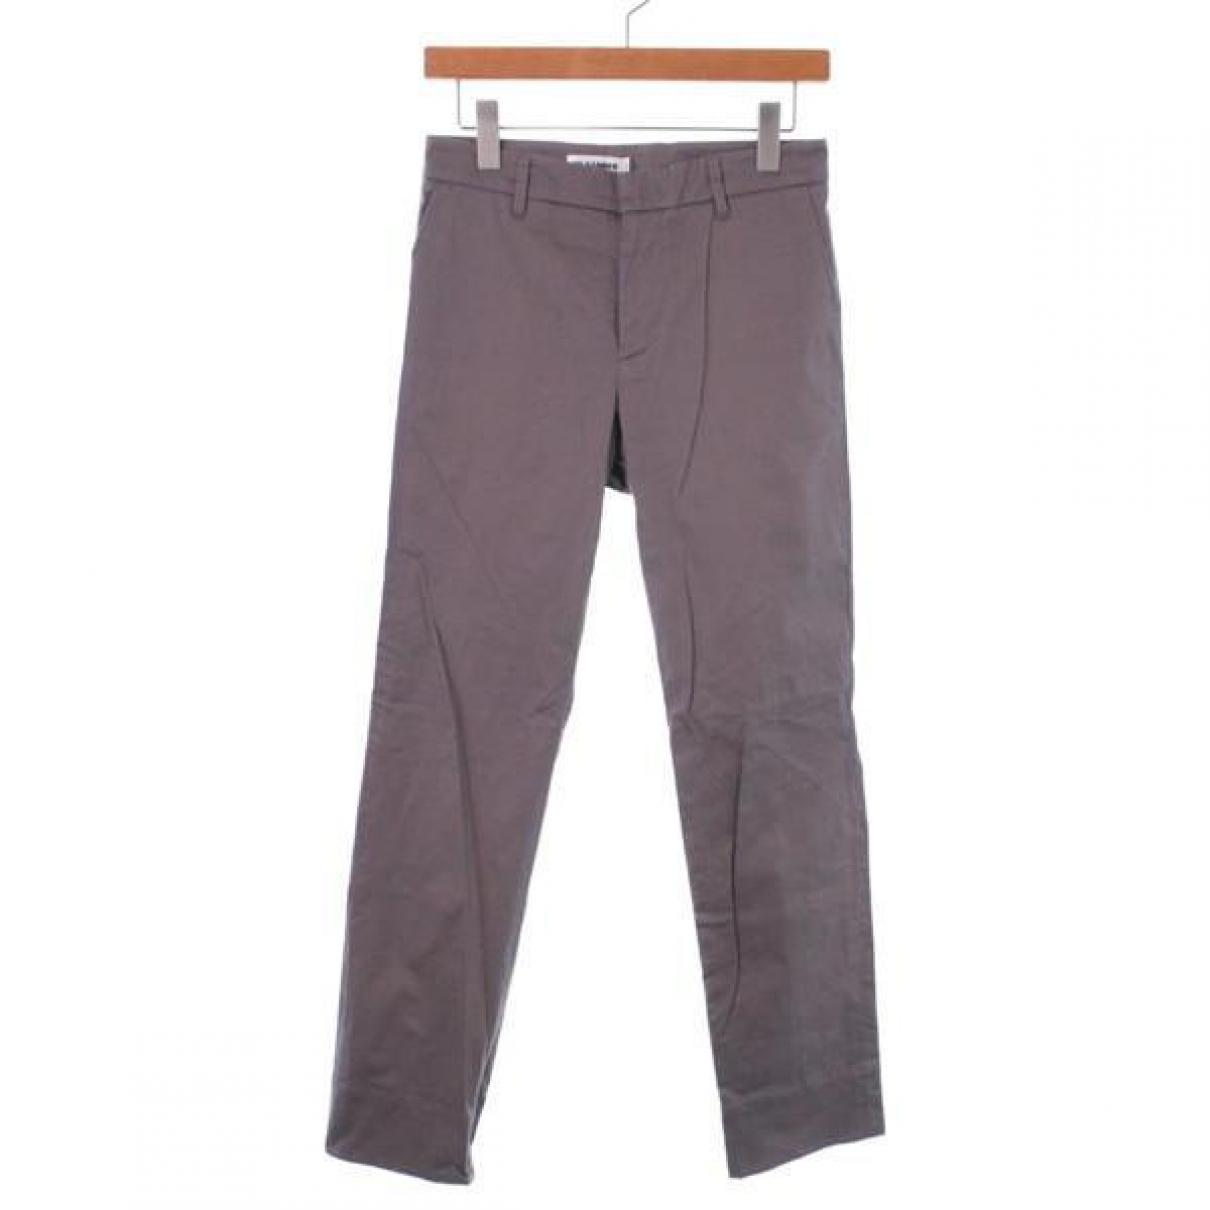 Jil Sander \N Grey Cotton jacket for Women 36 IT